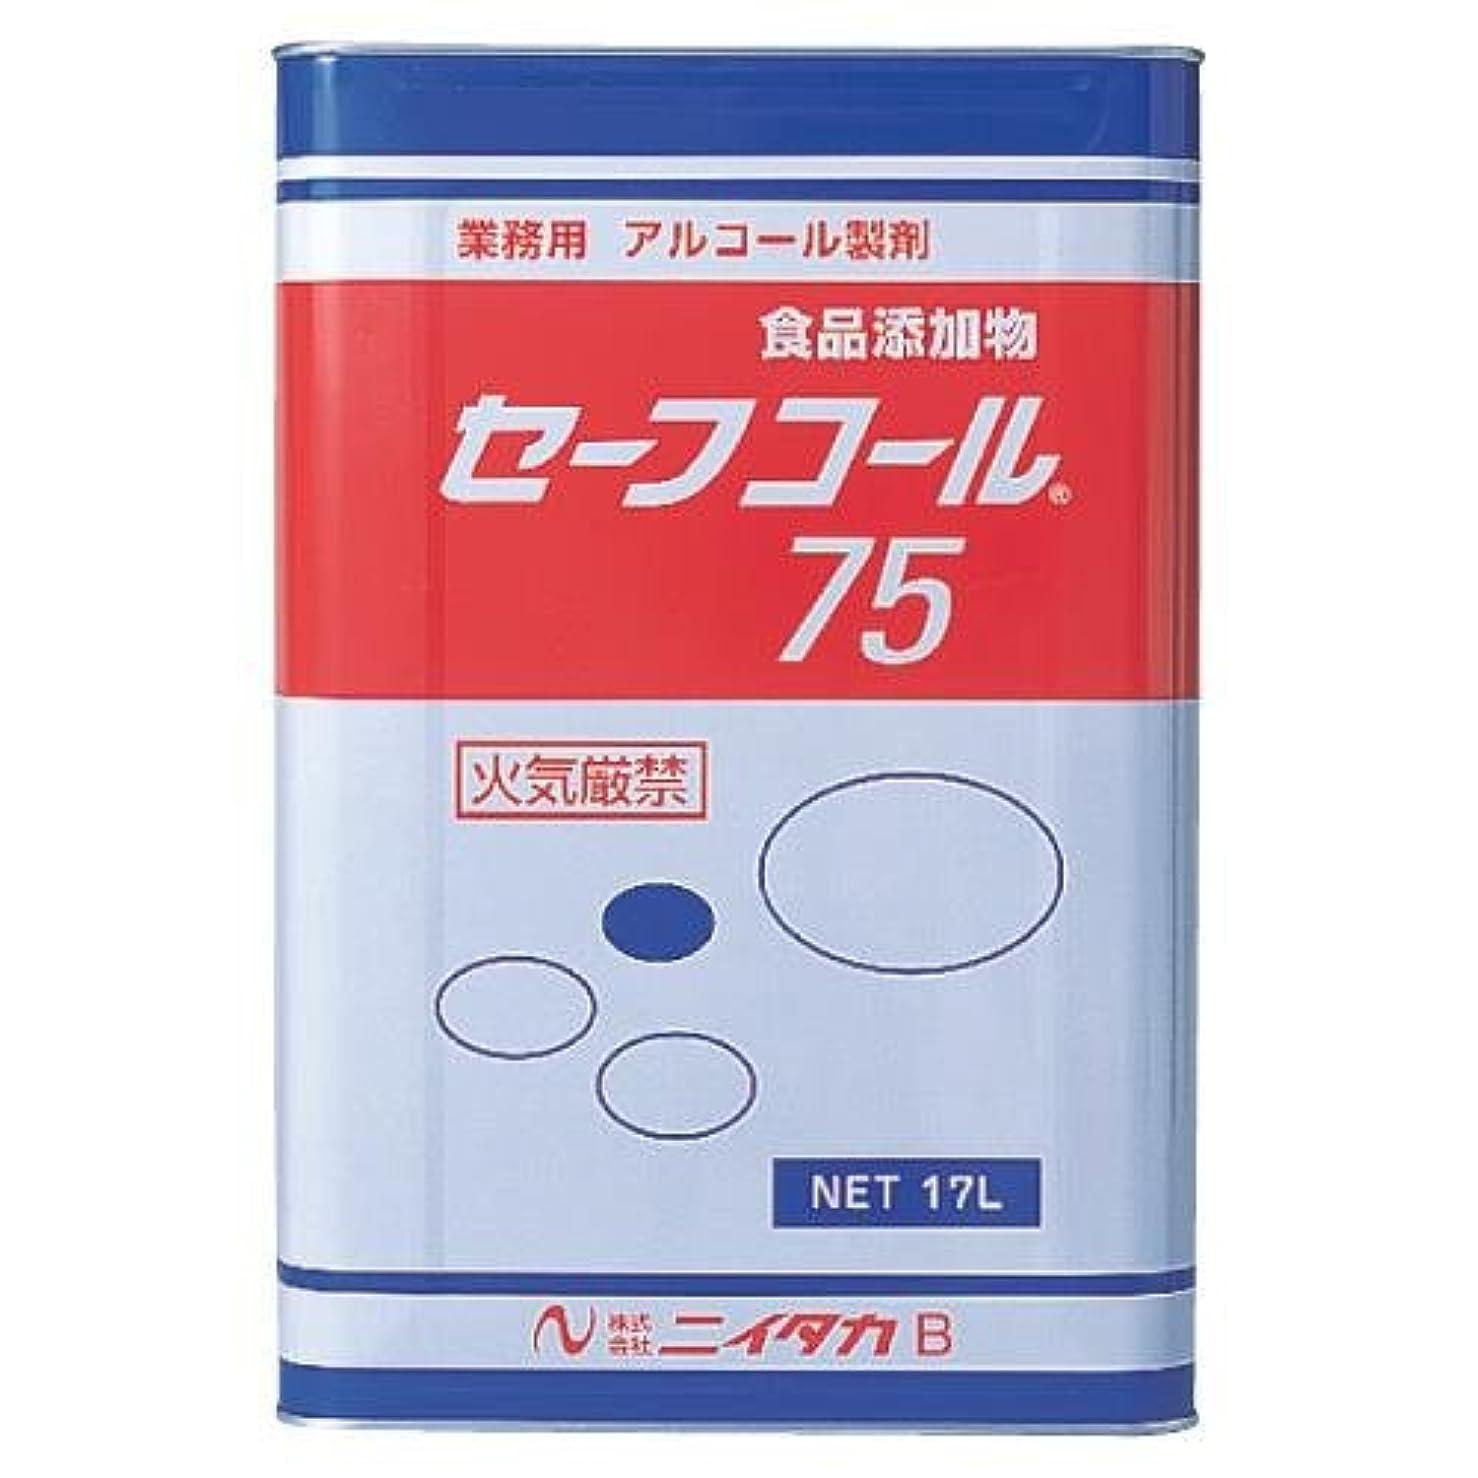 細心の添加剤メナジェリーニイタカ:セーフコール75(F-3) 17L 270201